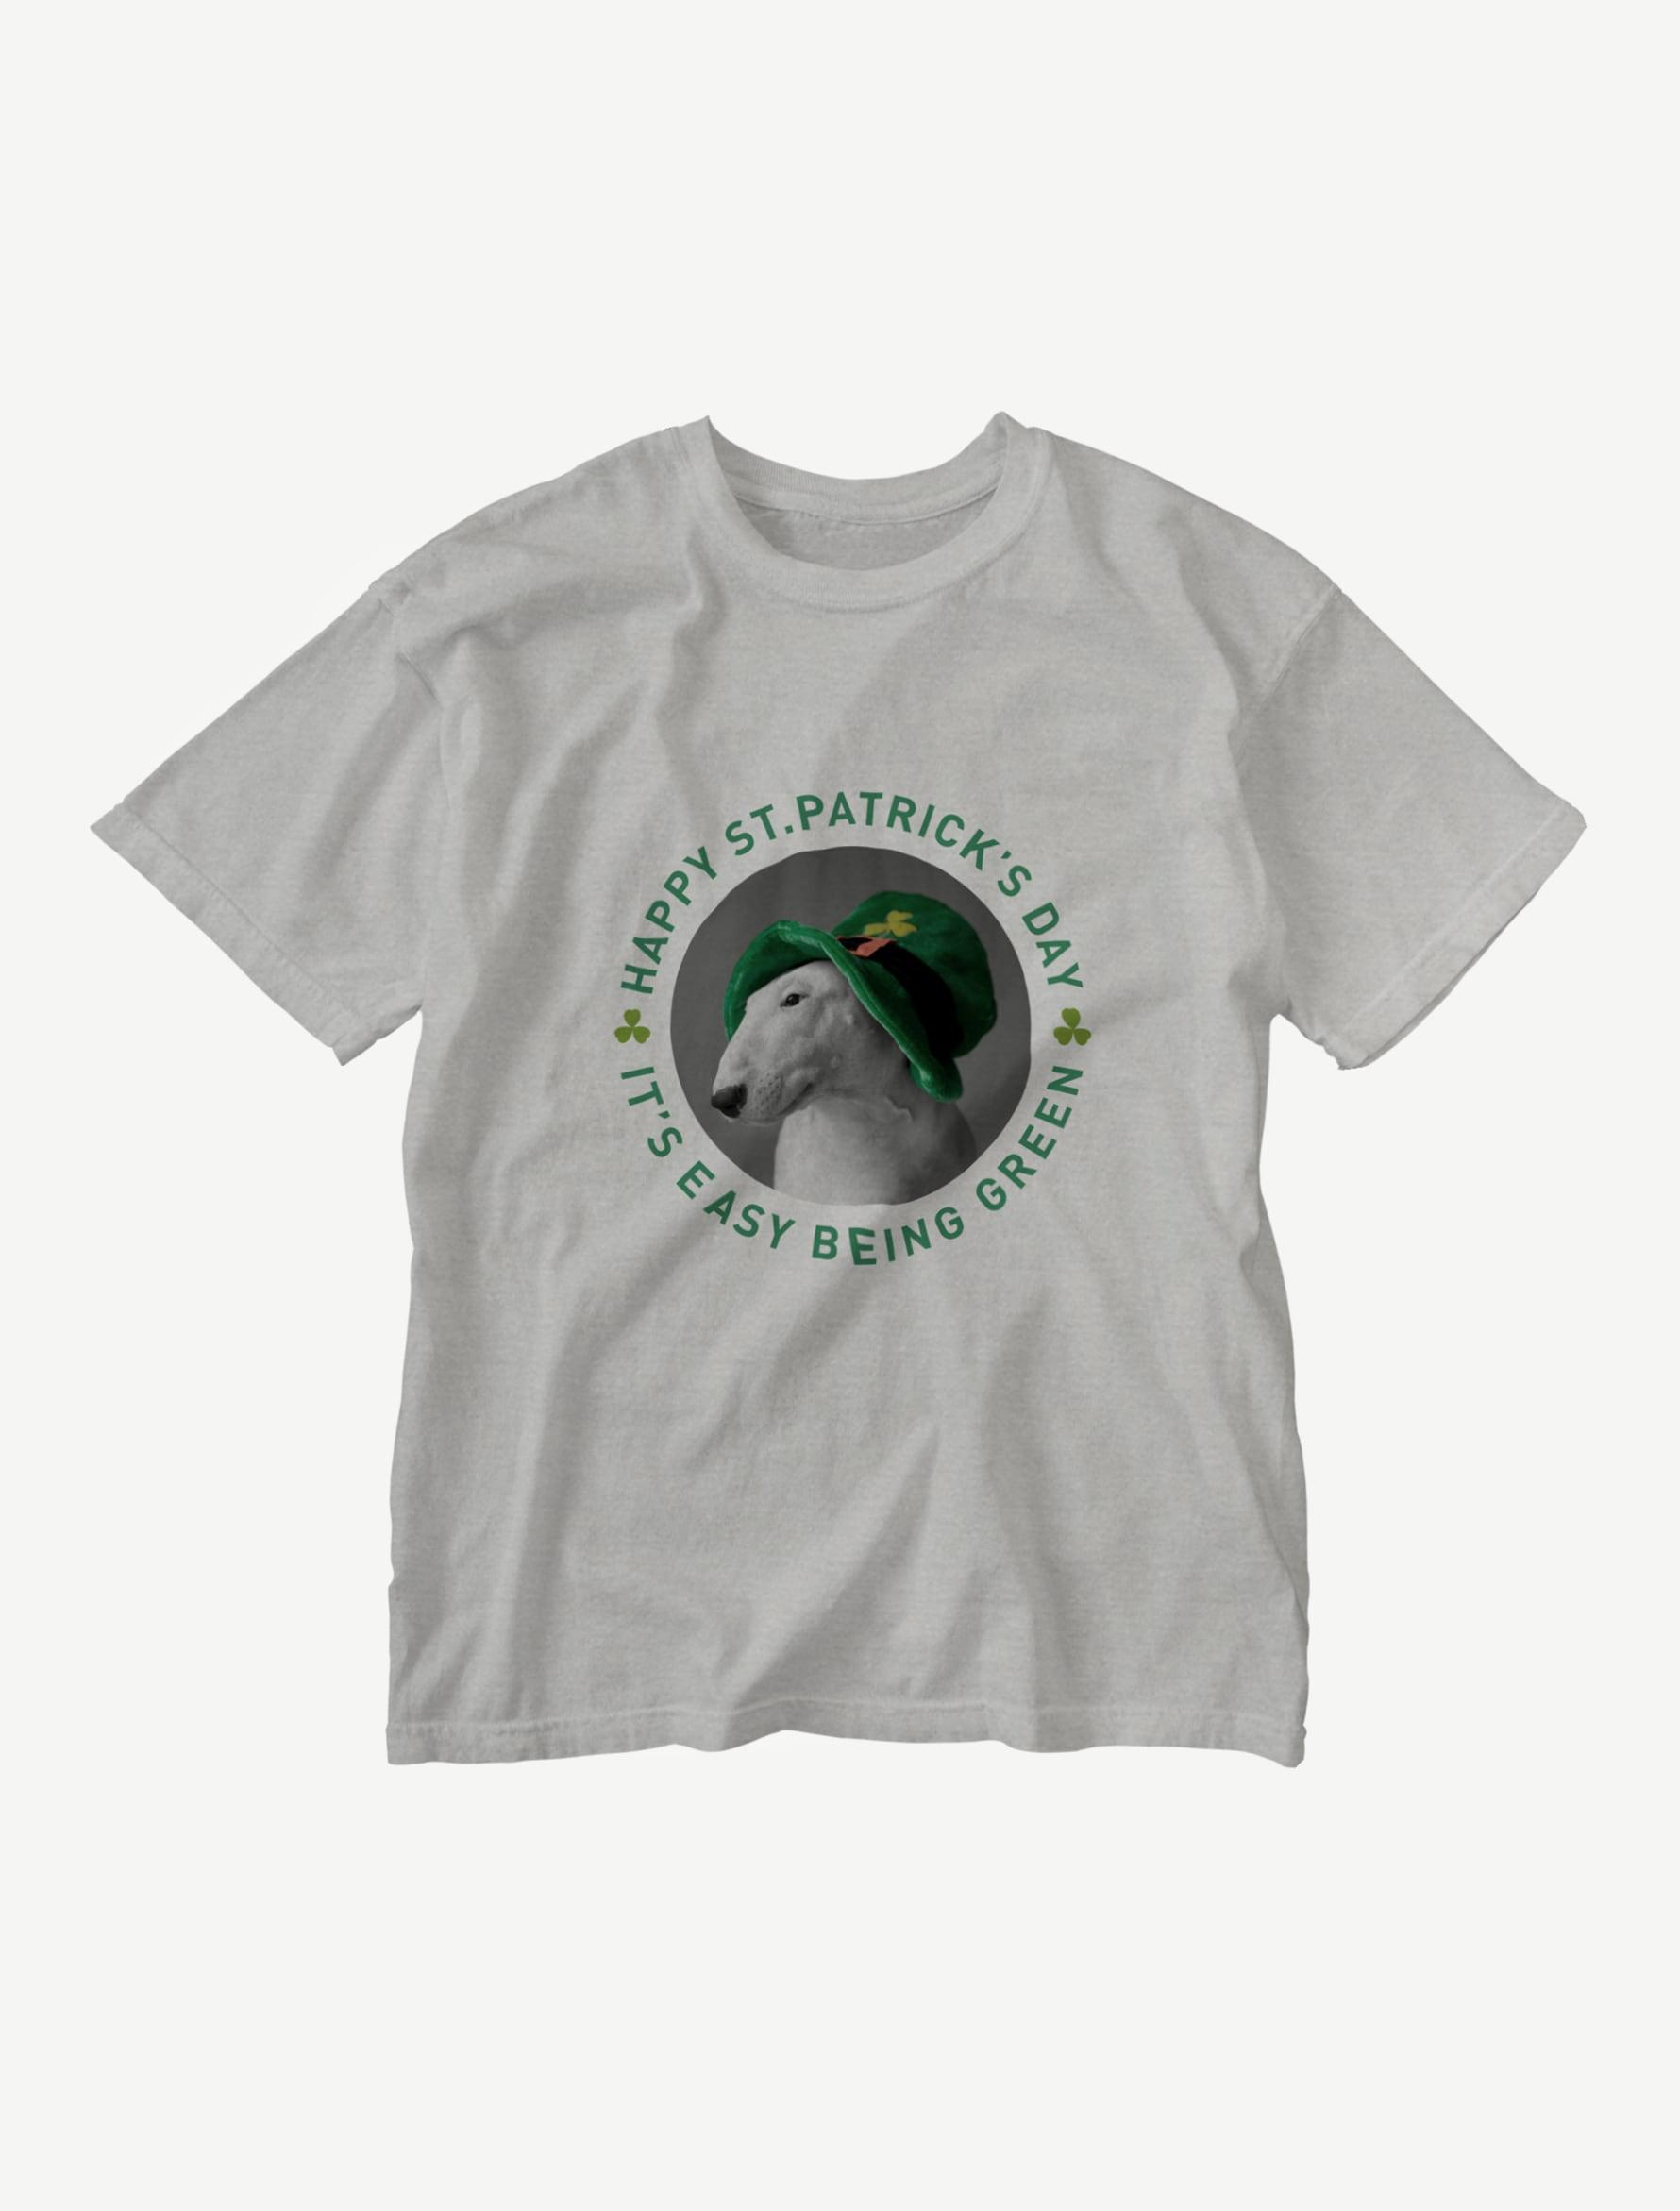 【セント・パトリックス・デー】ウォッシュTシャツ(グレー)